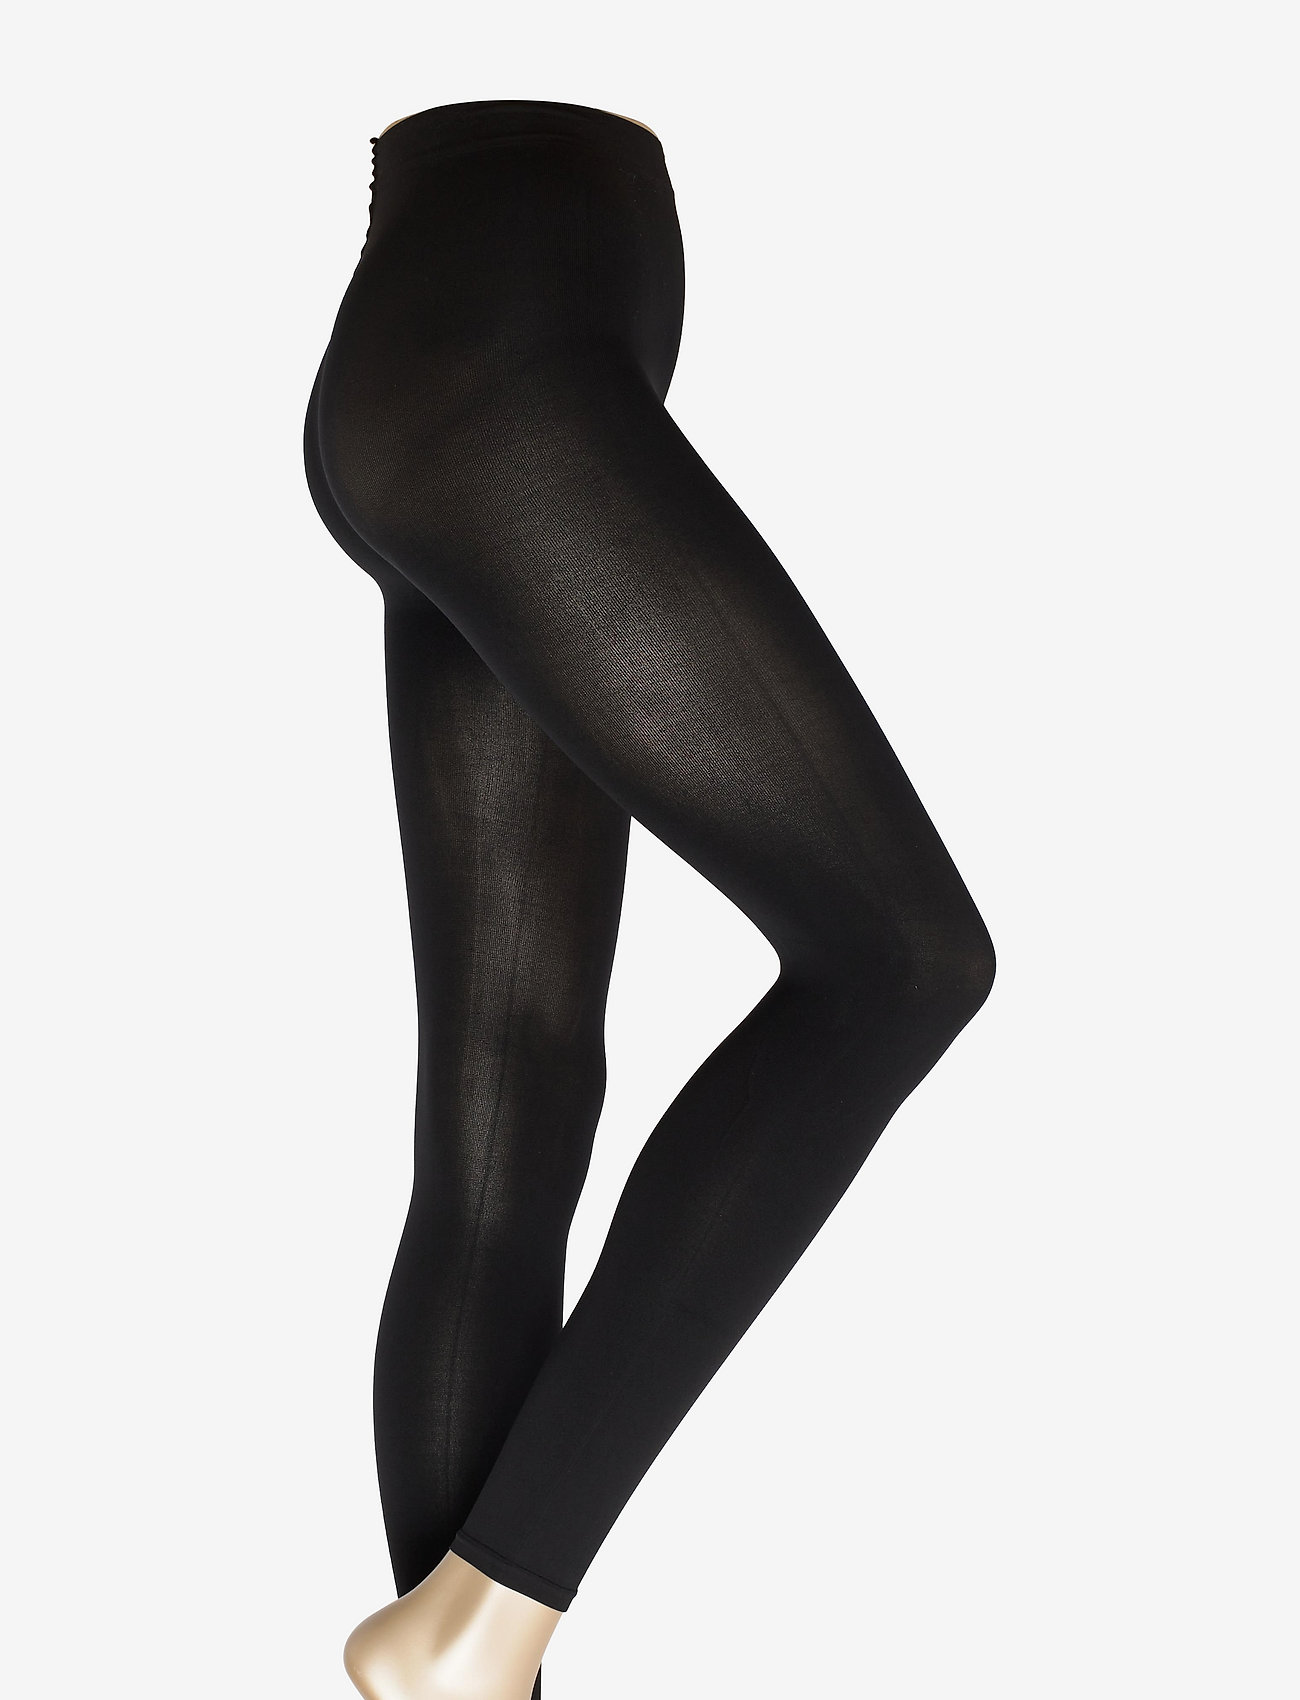 Max Mara Leisure - BRUNICO - leggings - black - 0